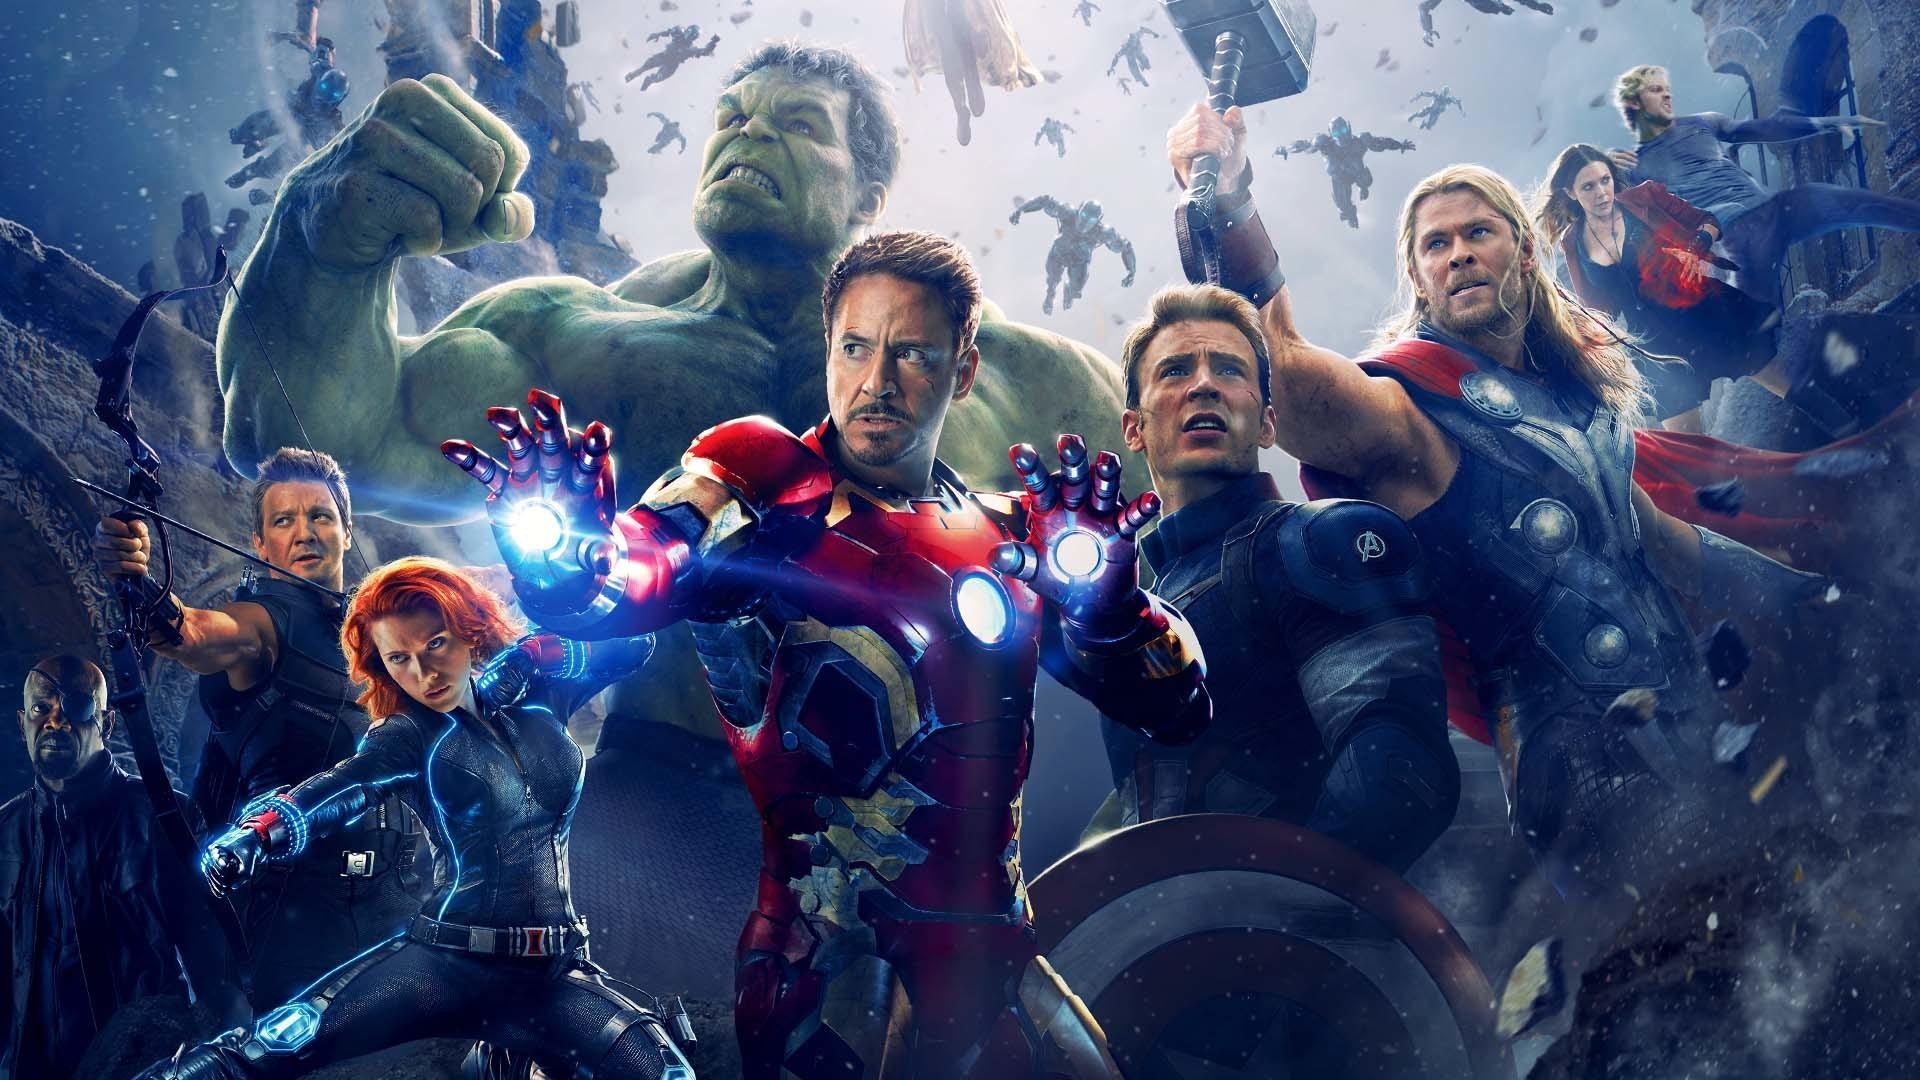 Картинка для Ты новый персонаж вселенной Marvel